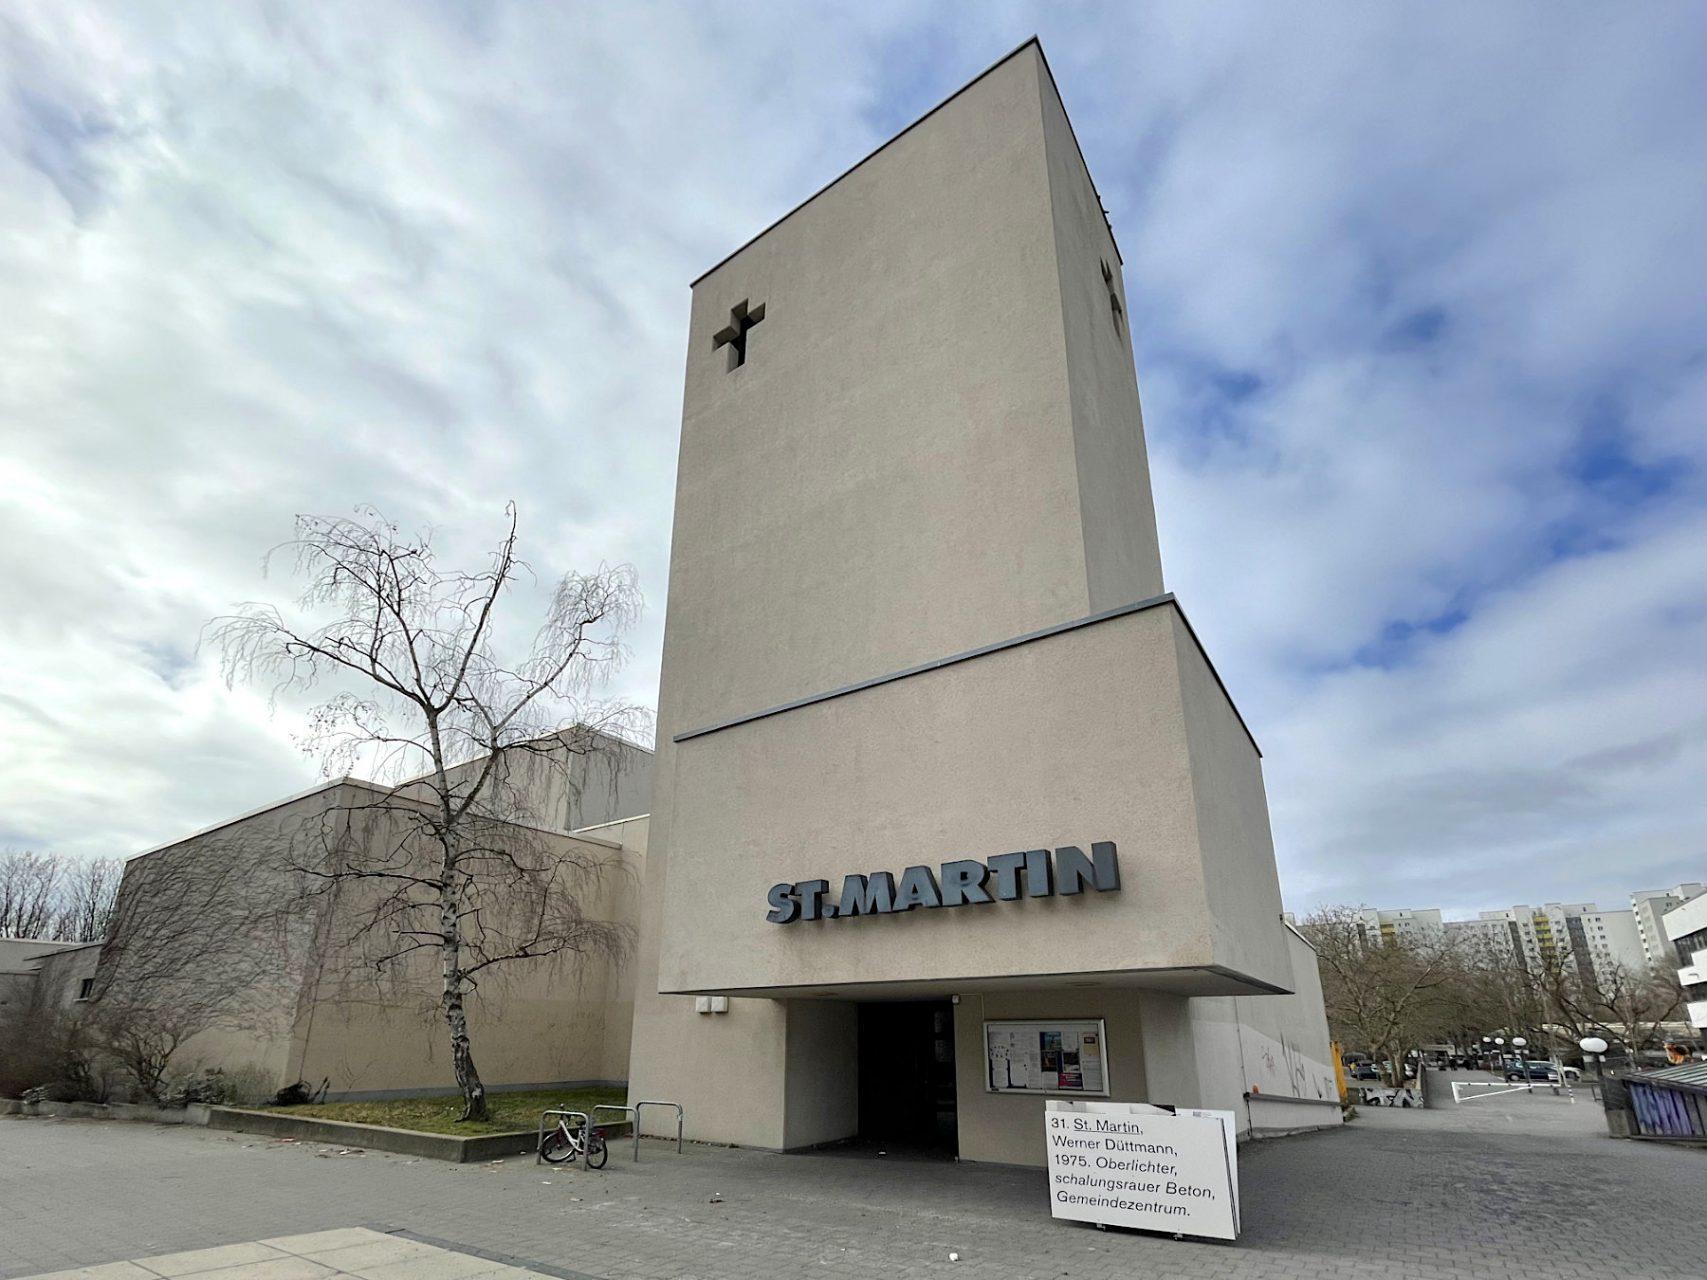 St. Martin. in Berlin-Reinickendorf. Entwurf: Werner Düttmann. Fertigstellung: 1975